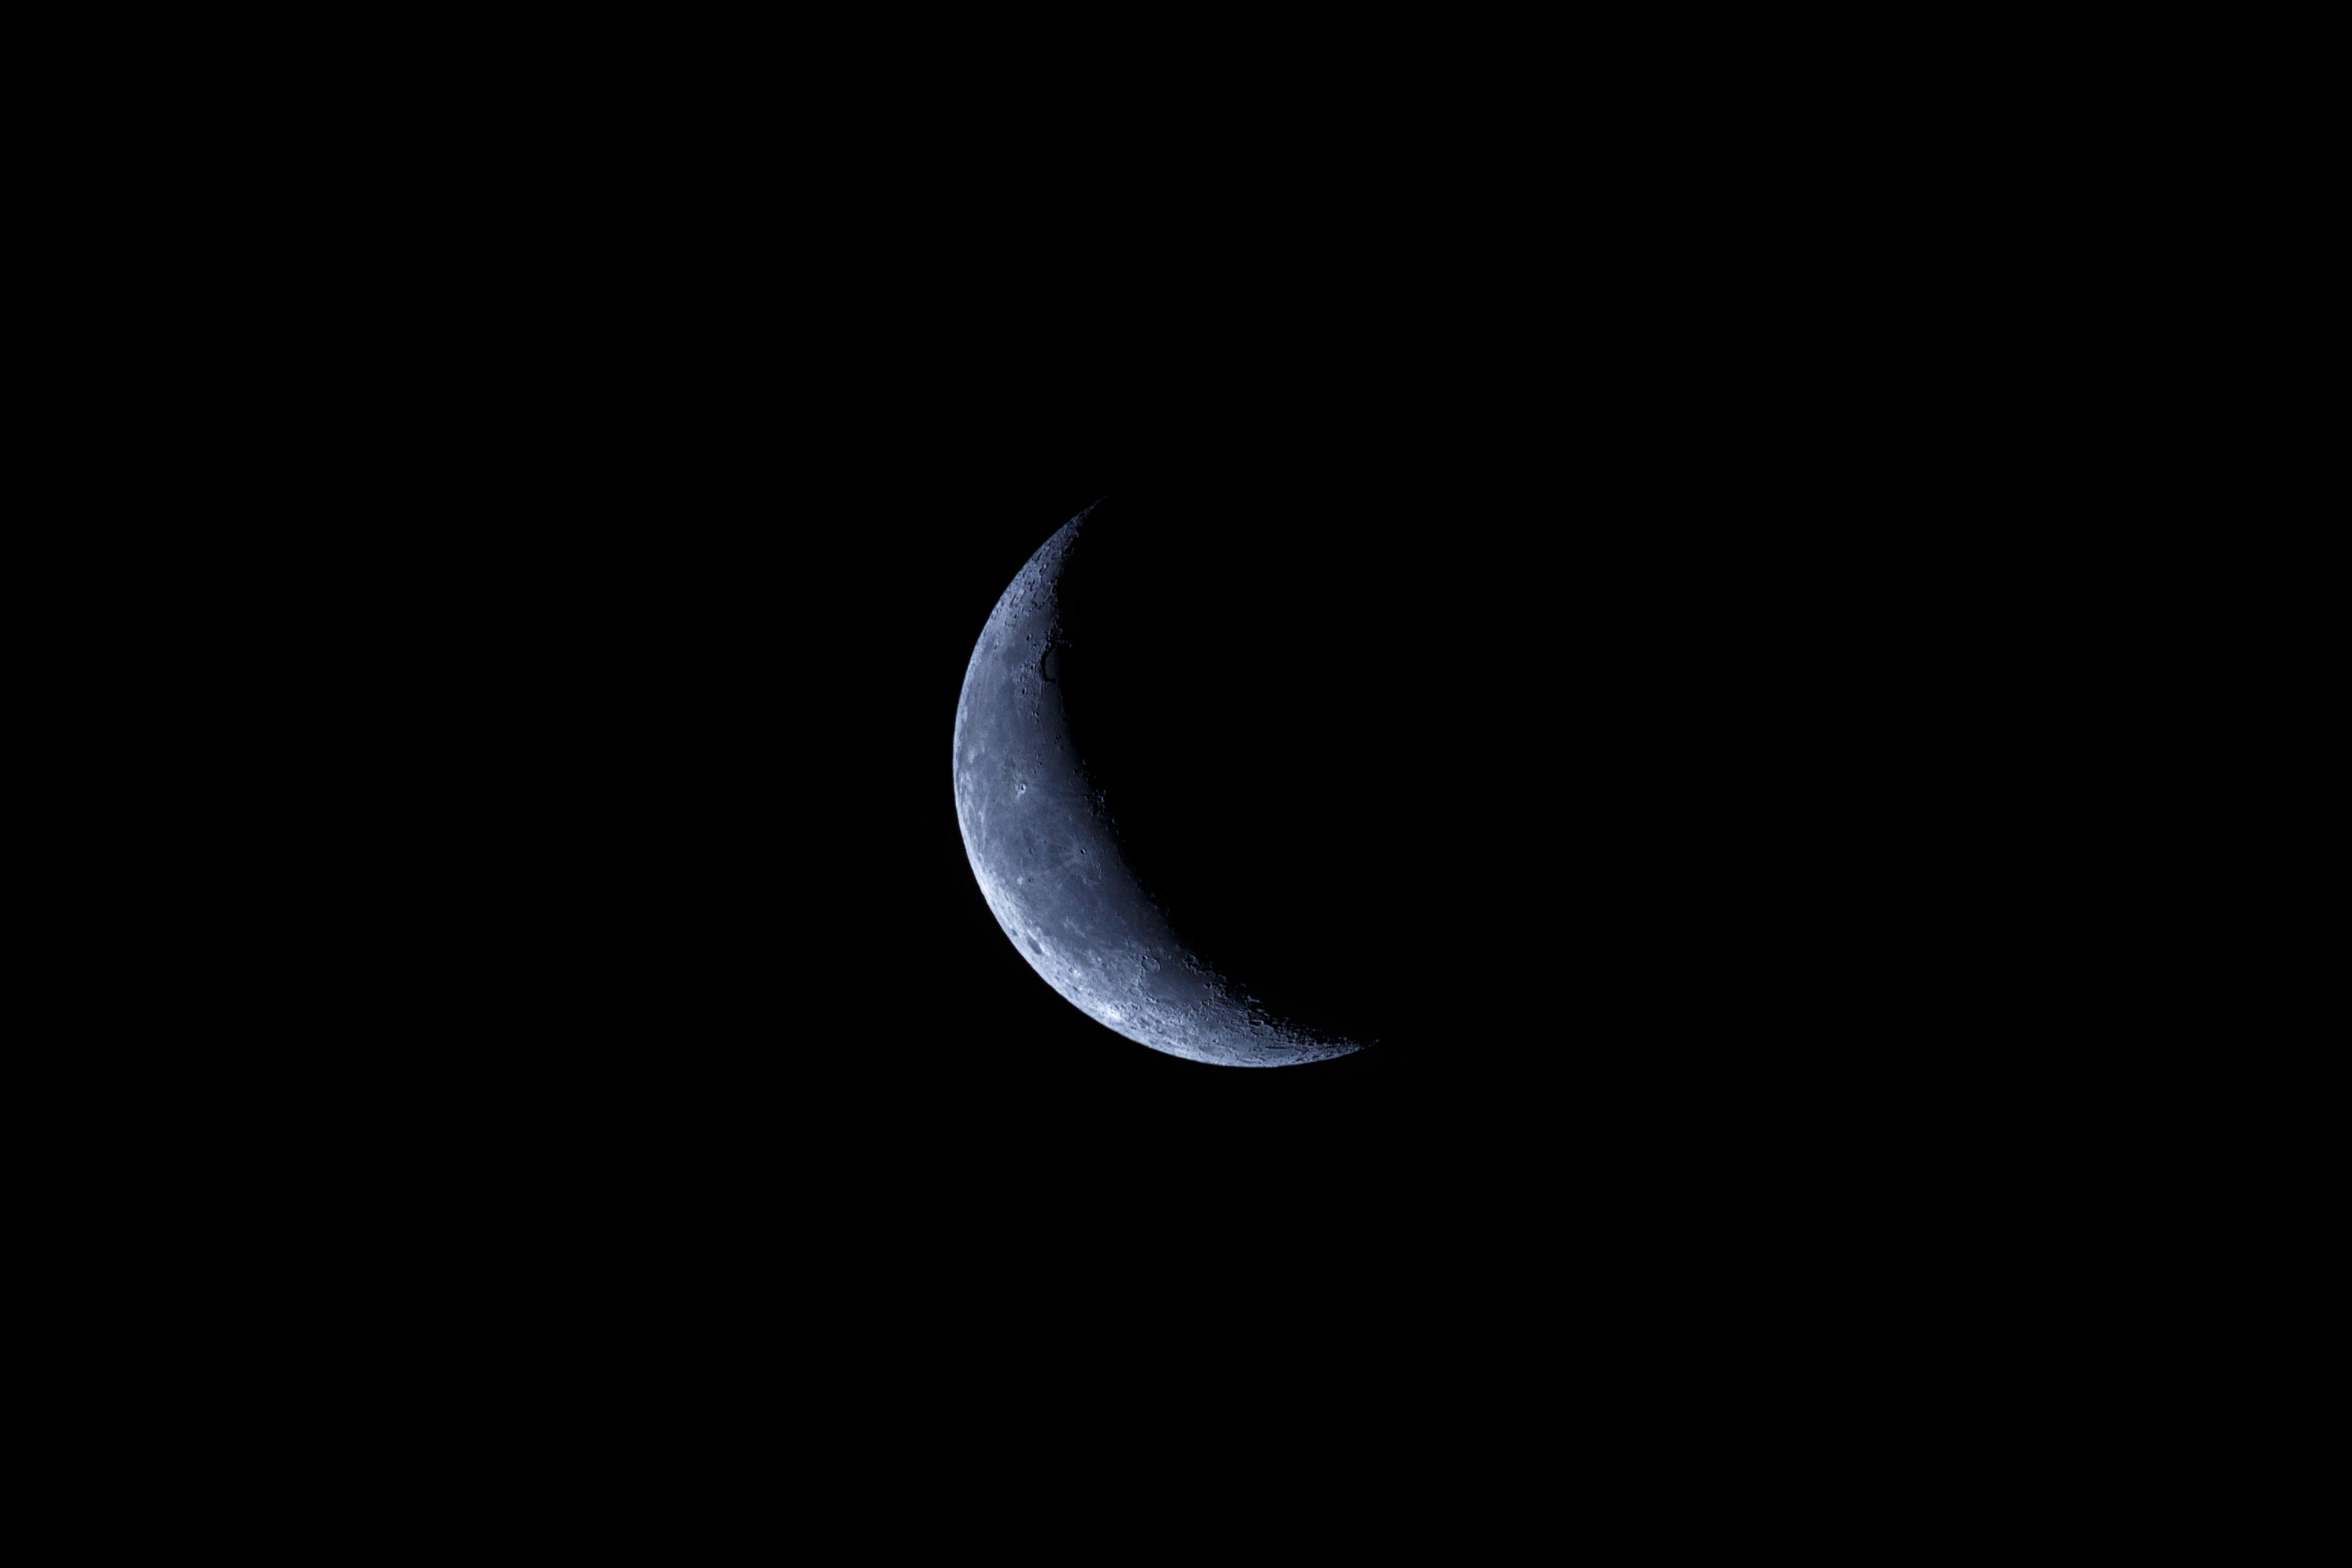 116175 скачать Черные обои на телефон бесплатно, Ночь, Луна, Черный, Тень, Кратеры Черные картинки и заставки на мобильный